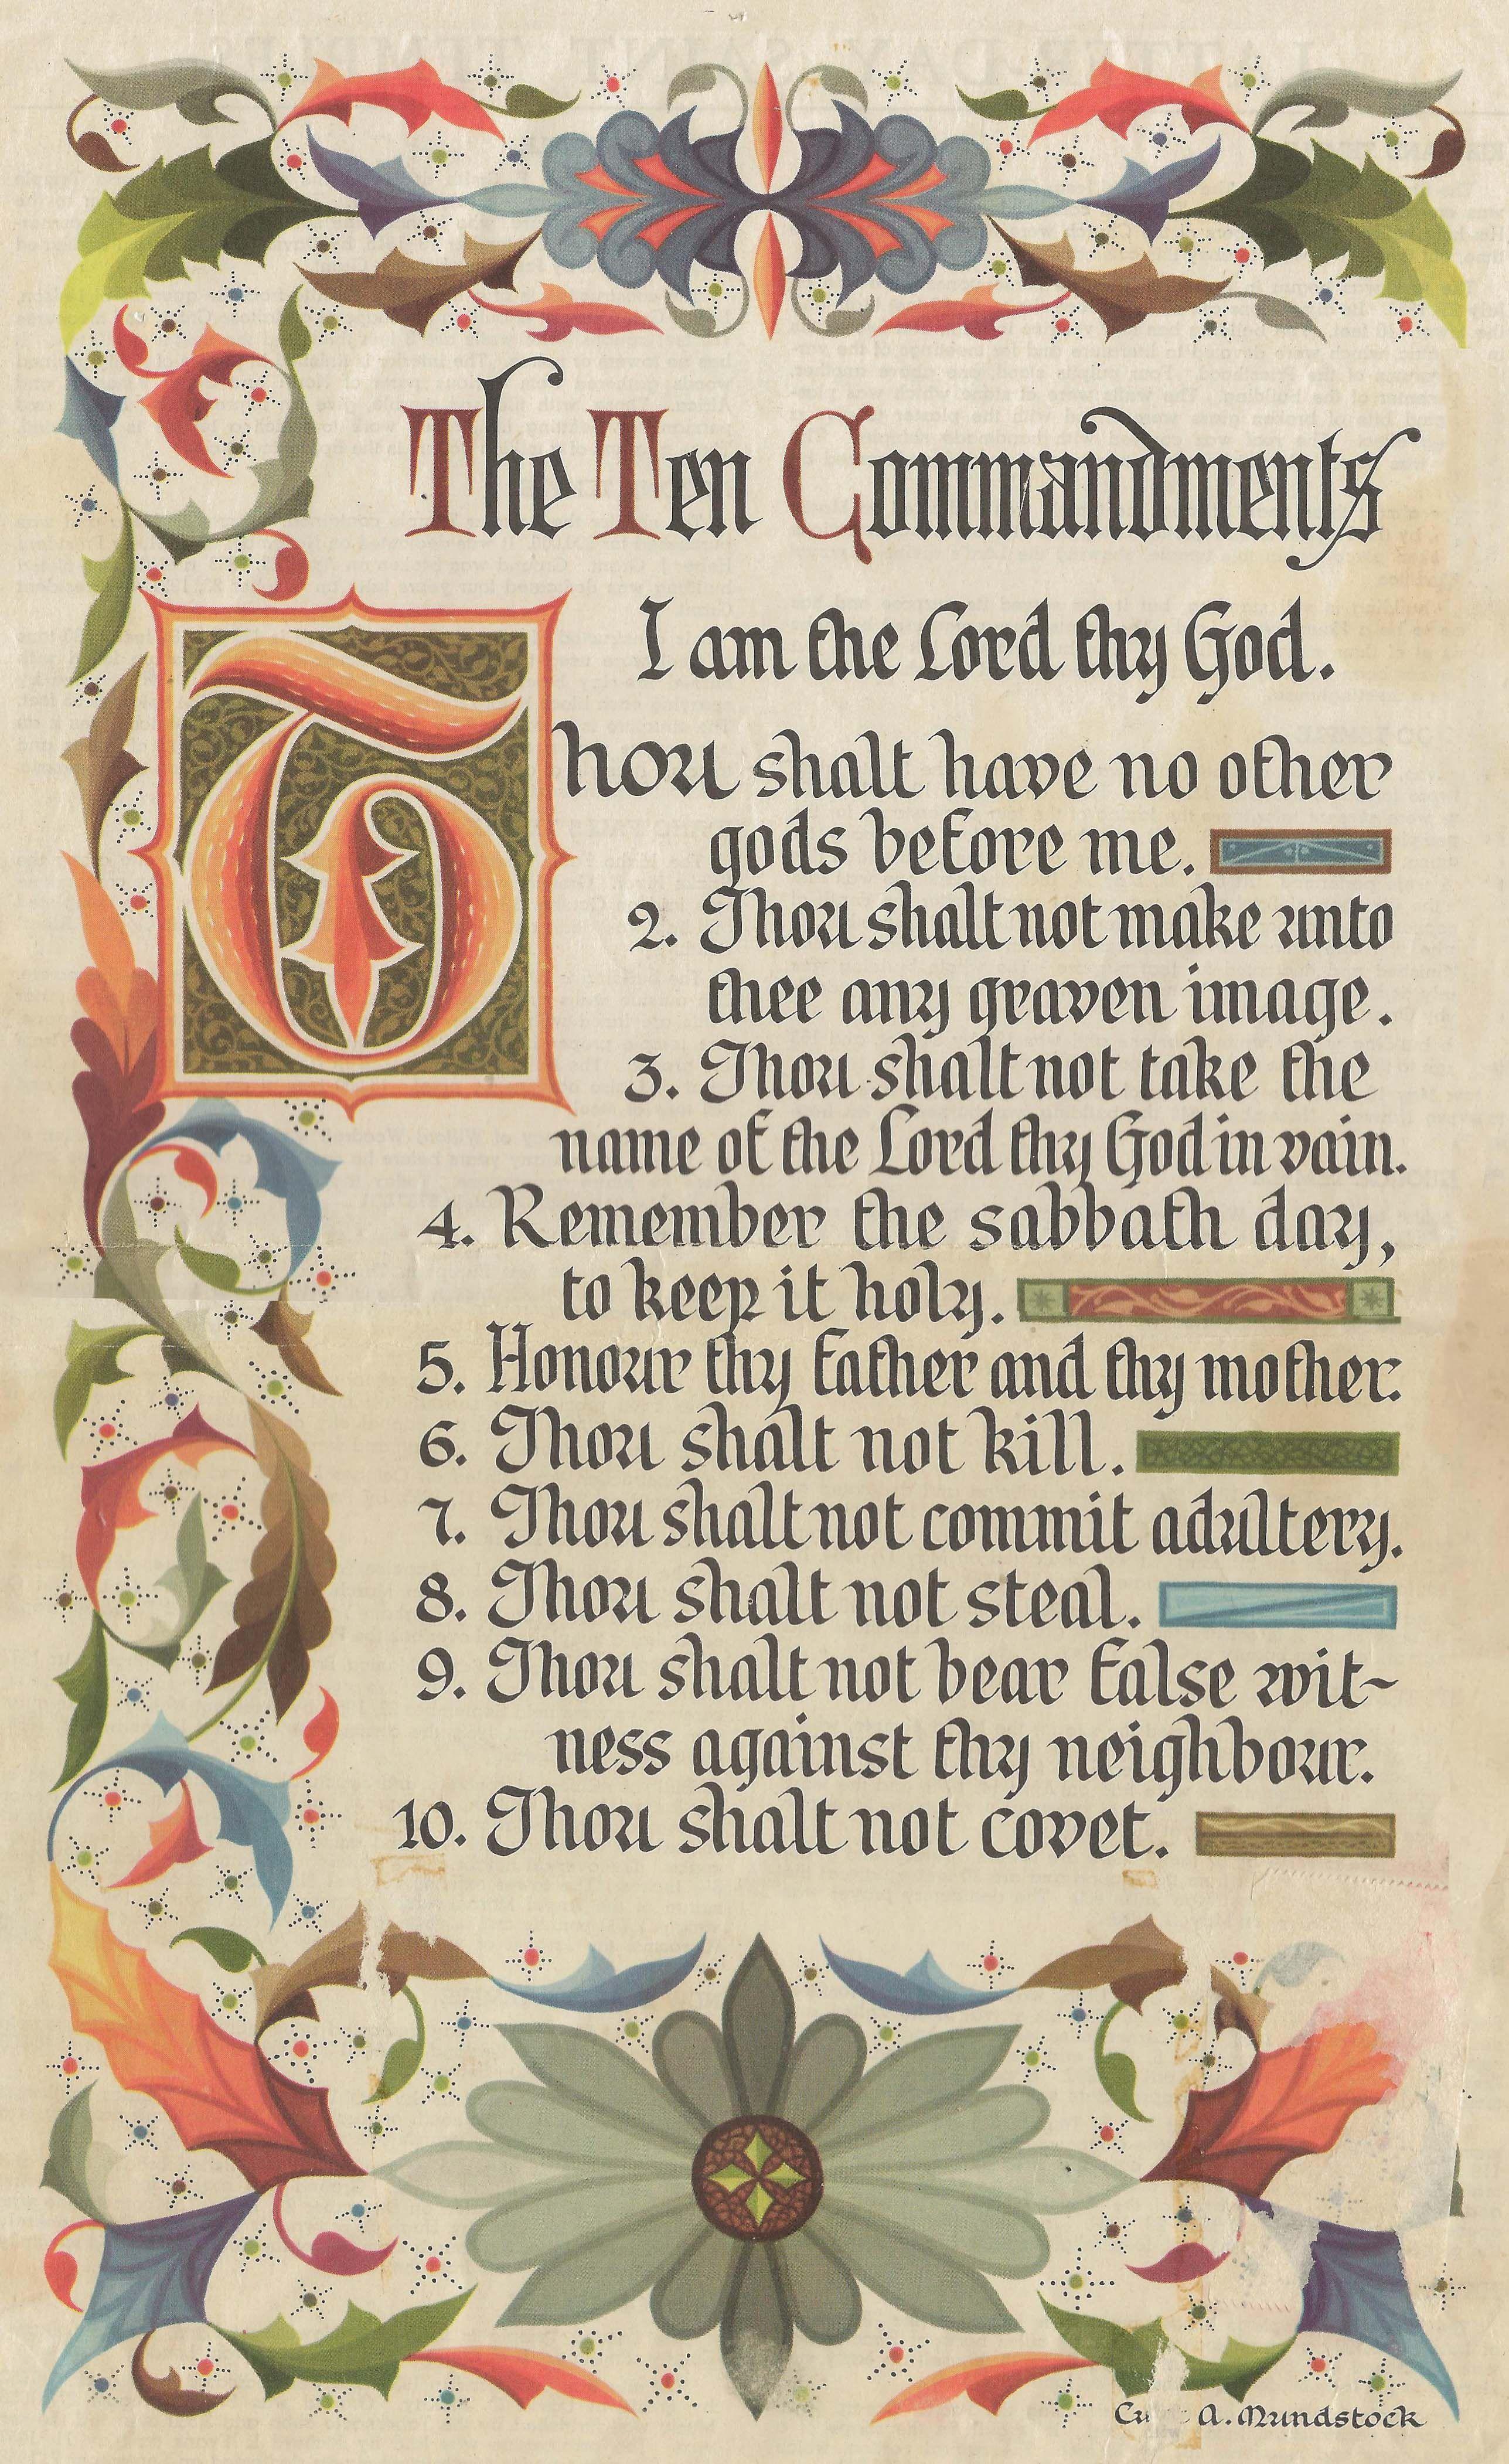 Tbt The Ten Commandments